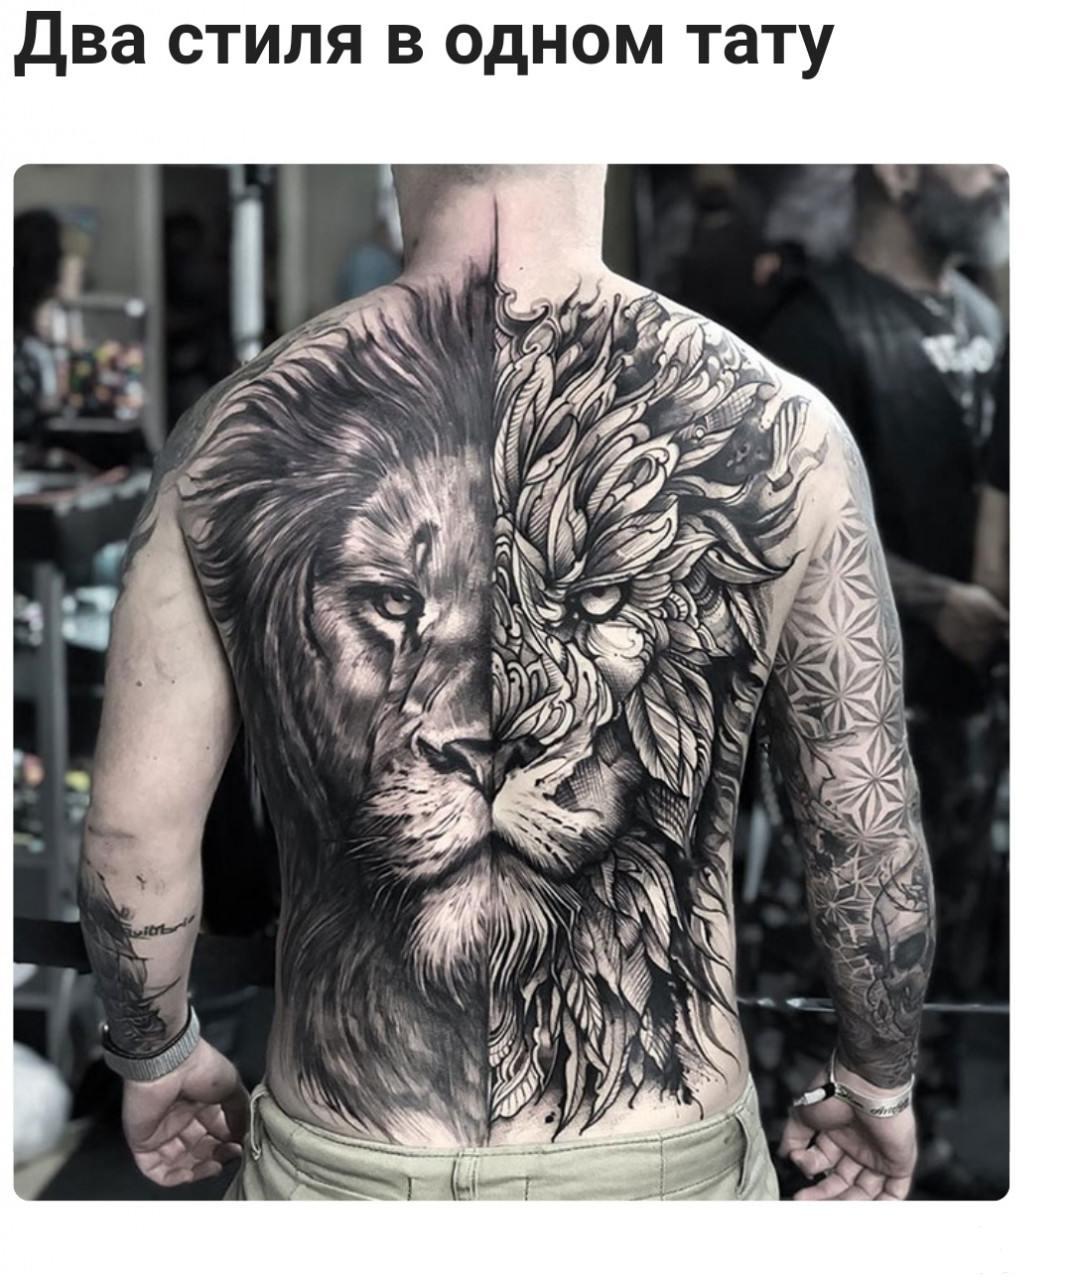 134780 - Татуировки